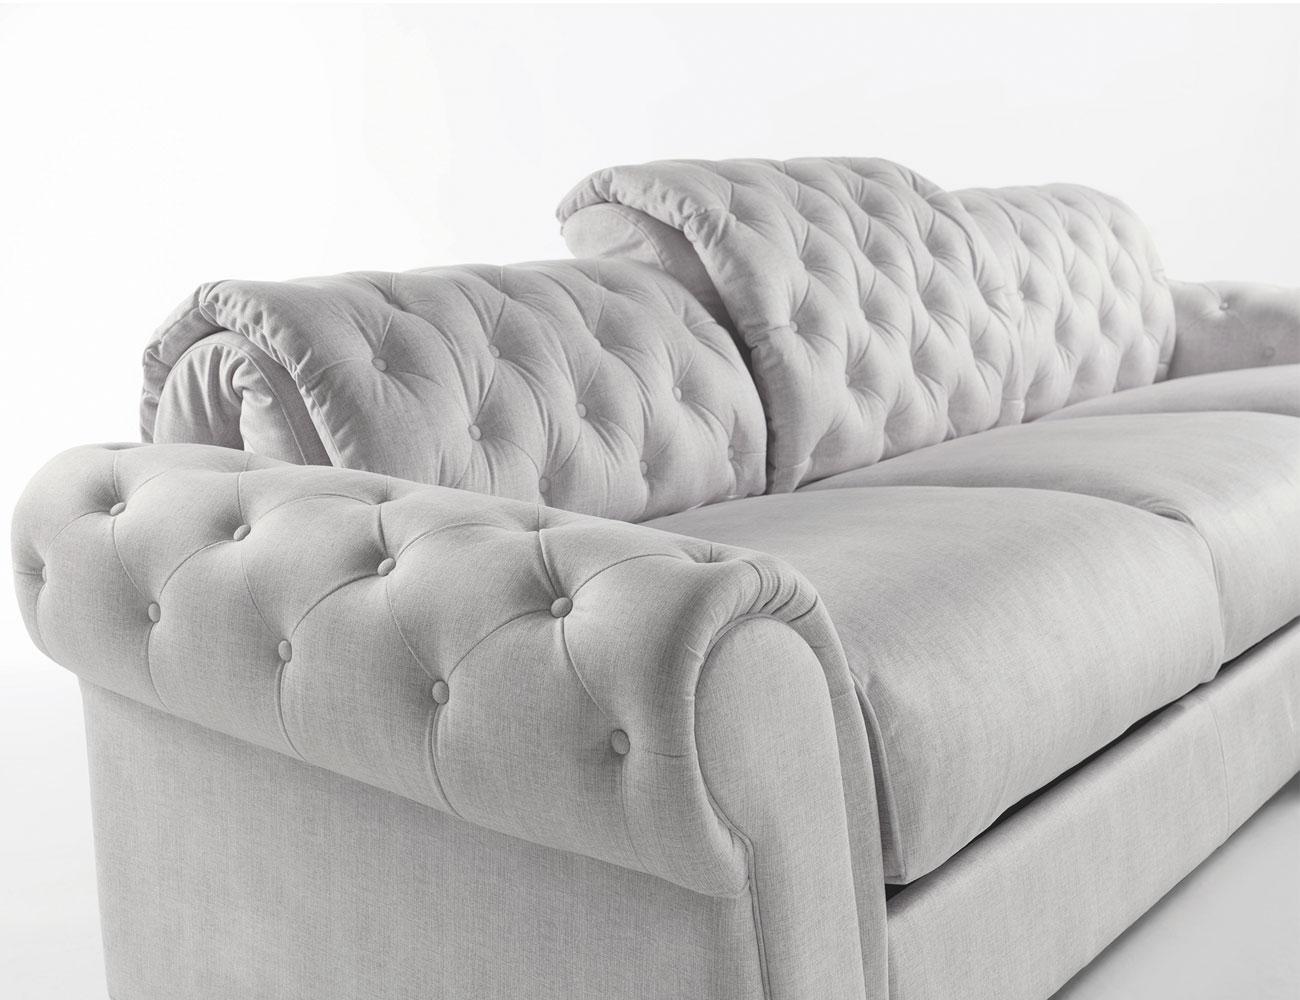 Sofa chaiselongue gran lujo decorativo capitone blanco tela 130